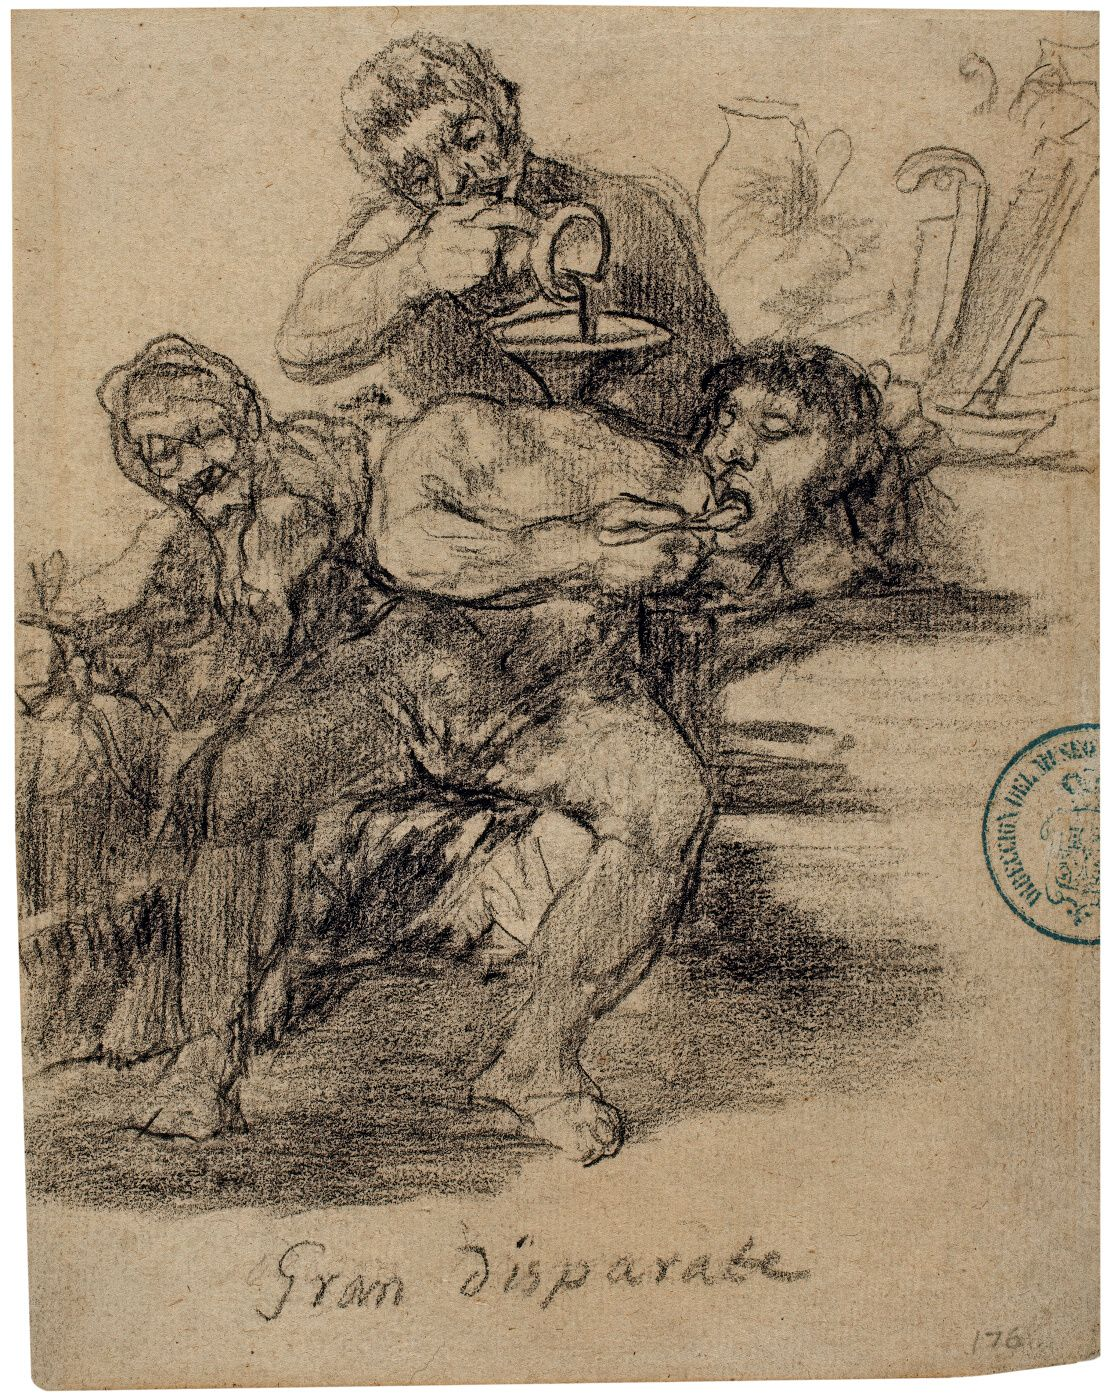 Gran Disparate Cuaderno de Burdeos I o cuaderno G, 9